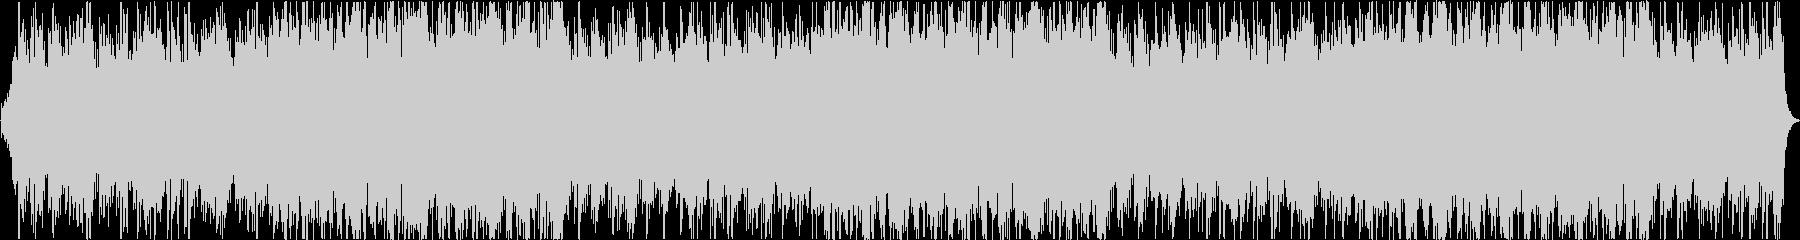 感動シネマティックエピックオーケストラgの未再生の波形